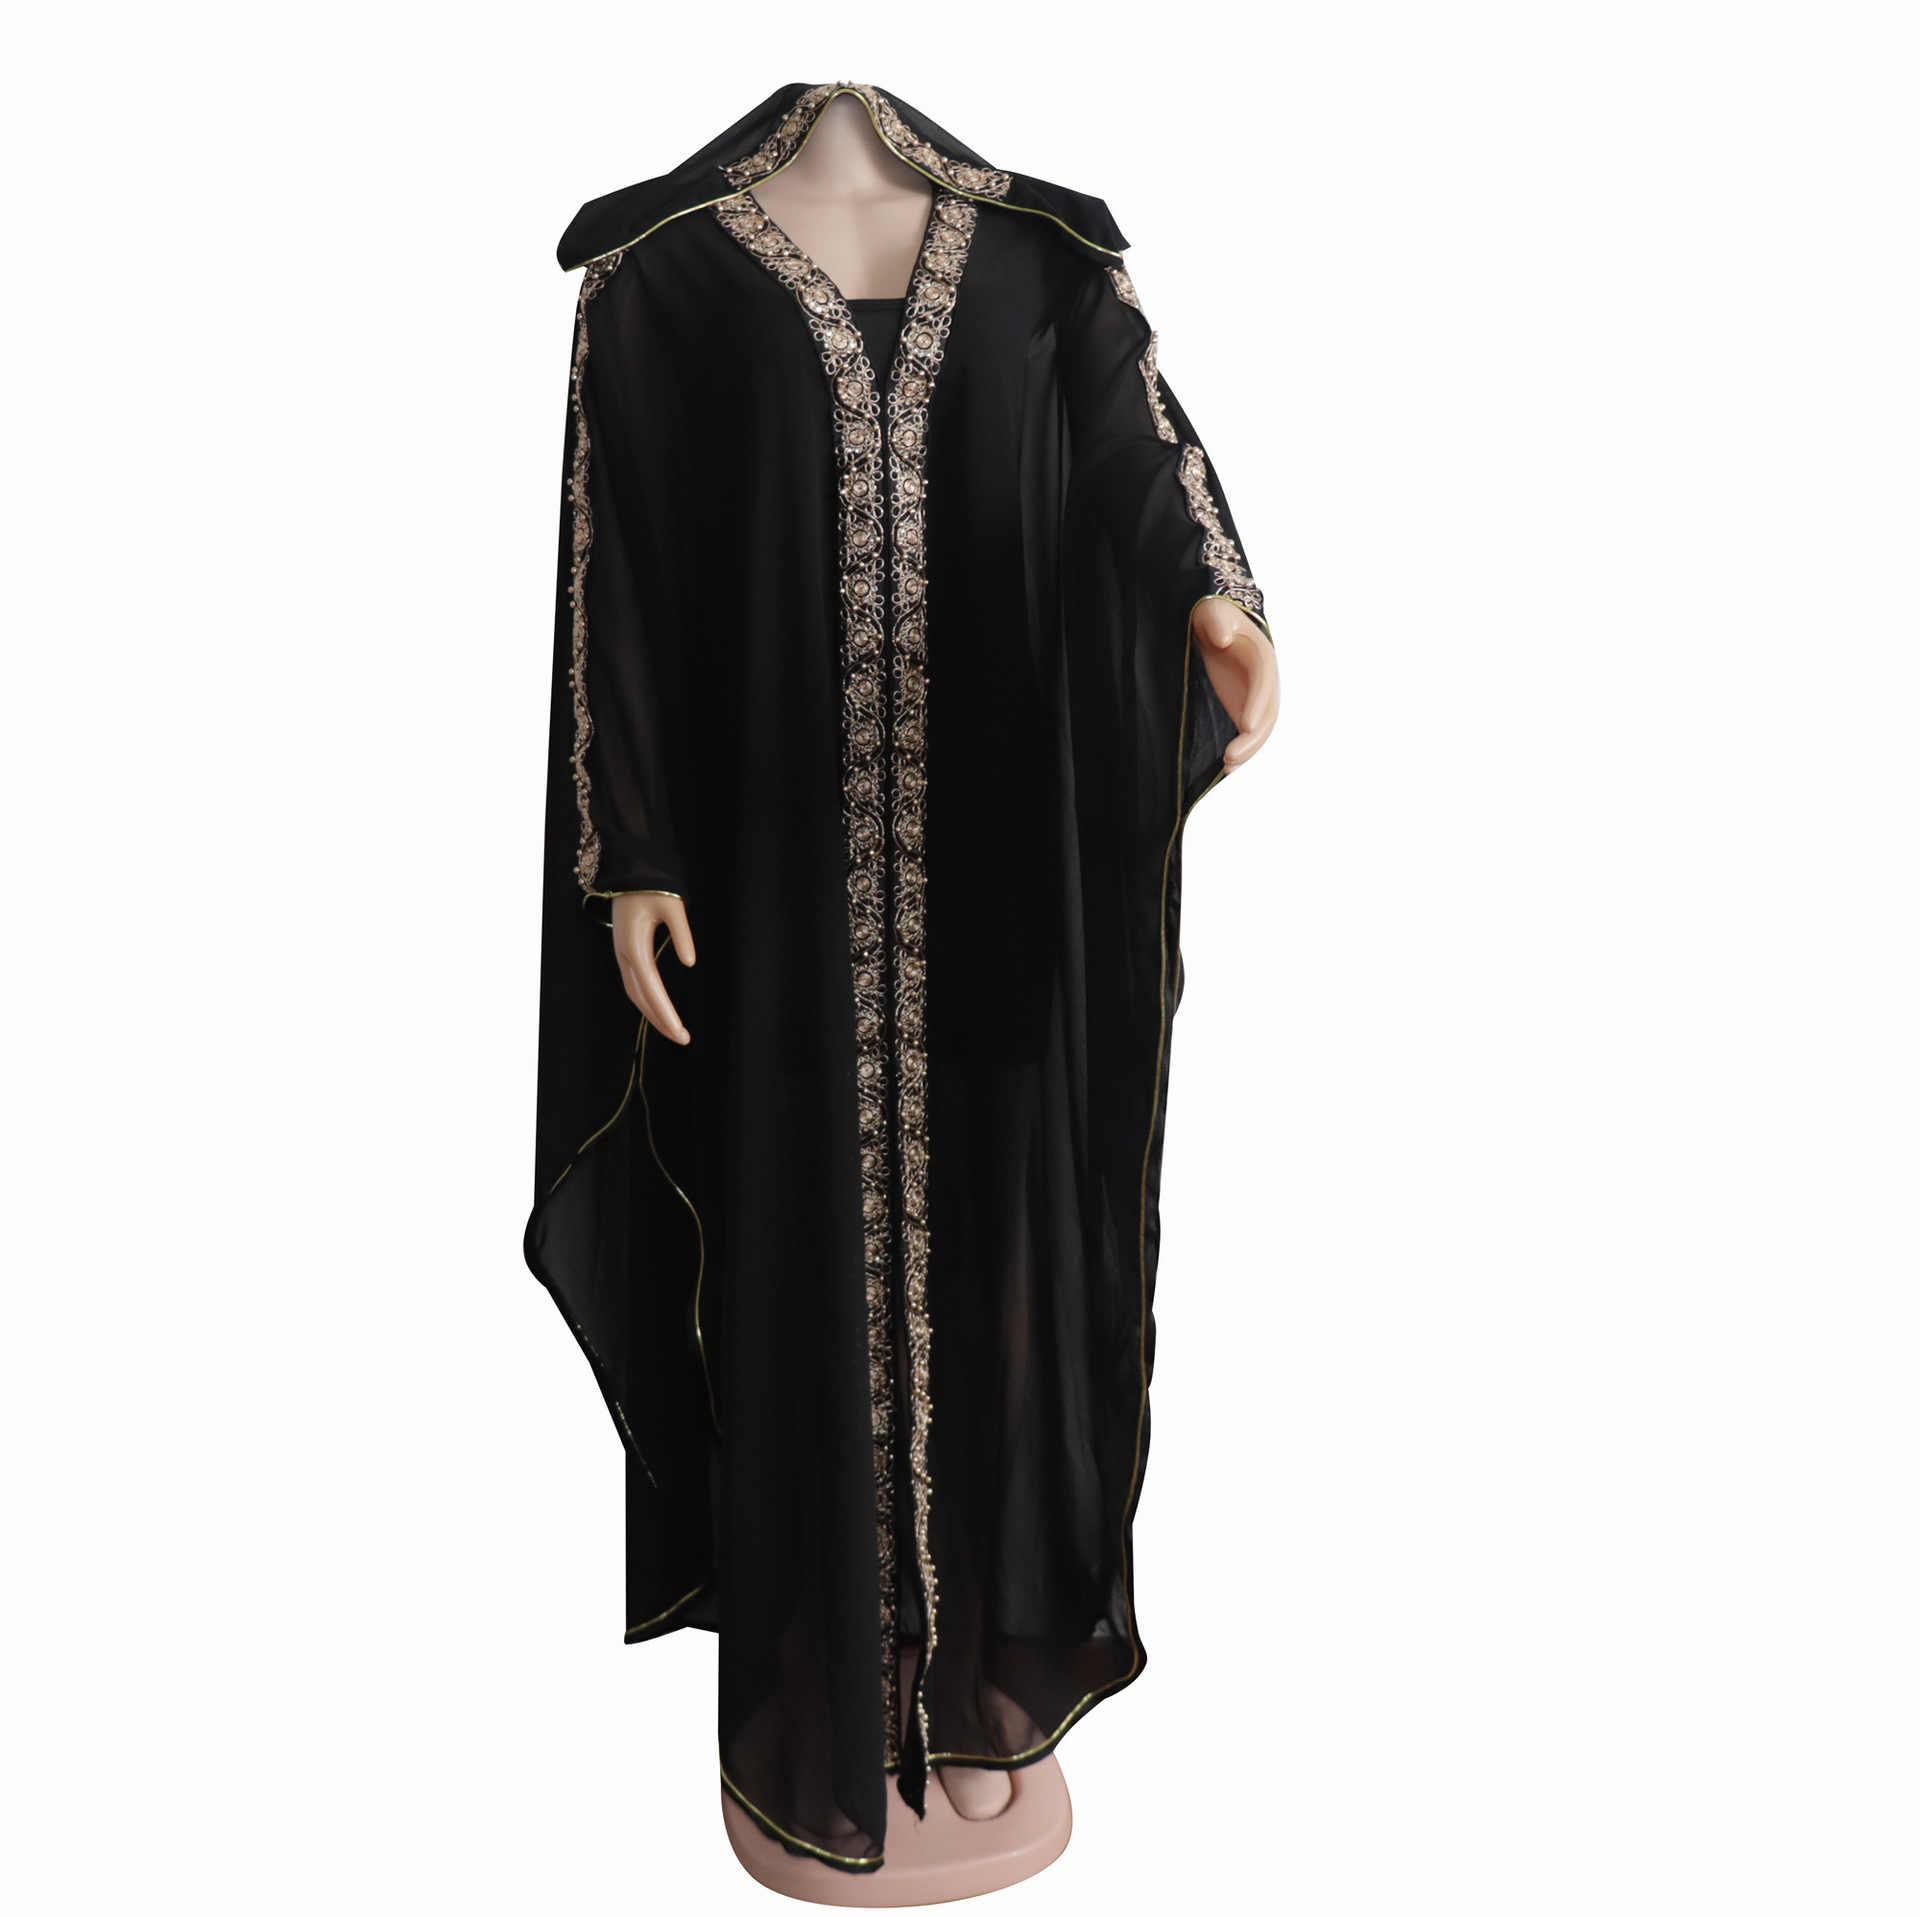 길이 150 cm 여성을위한 아프리카 드레스 아프리카 의류 아프리카 디자인 bazin 쉬폰 롱 스틱 다이아몬드 슬리브 대시 키 드레스 레이디